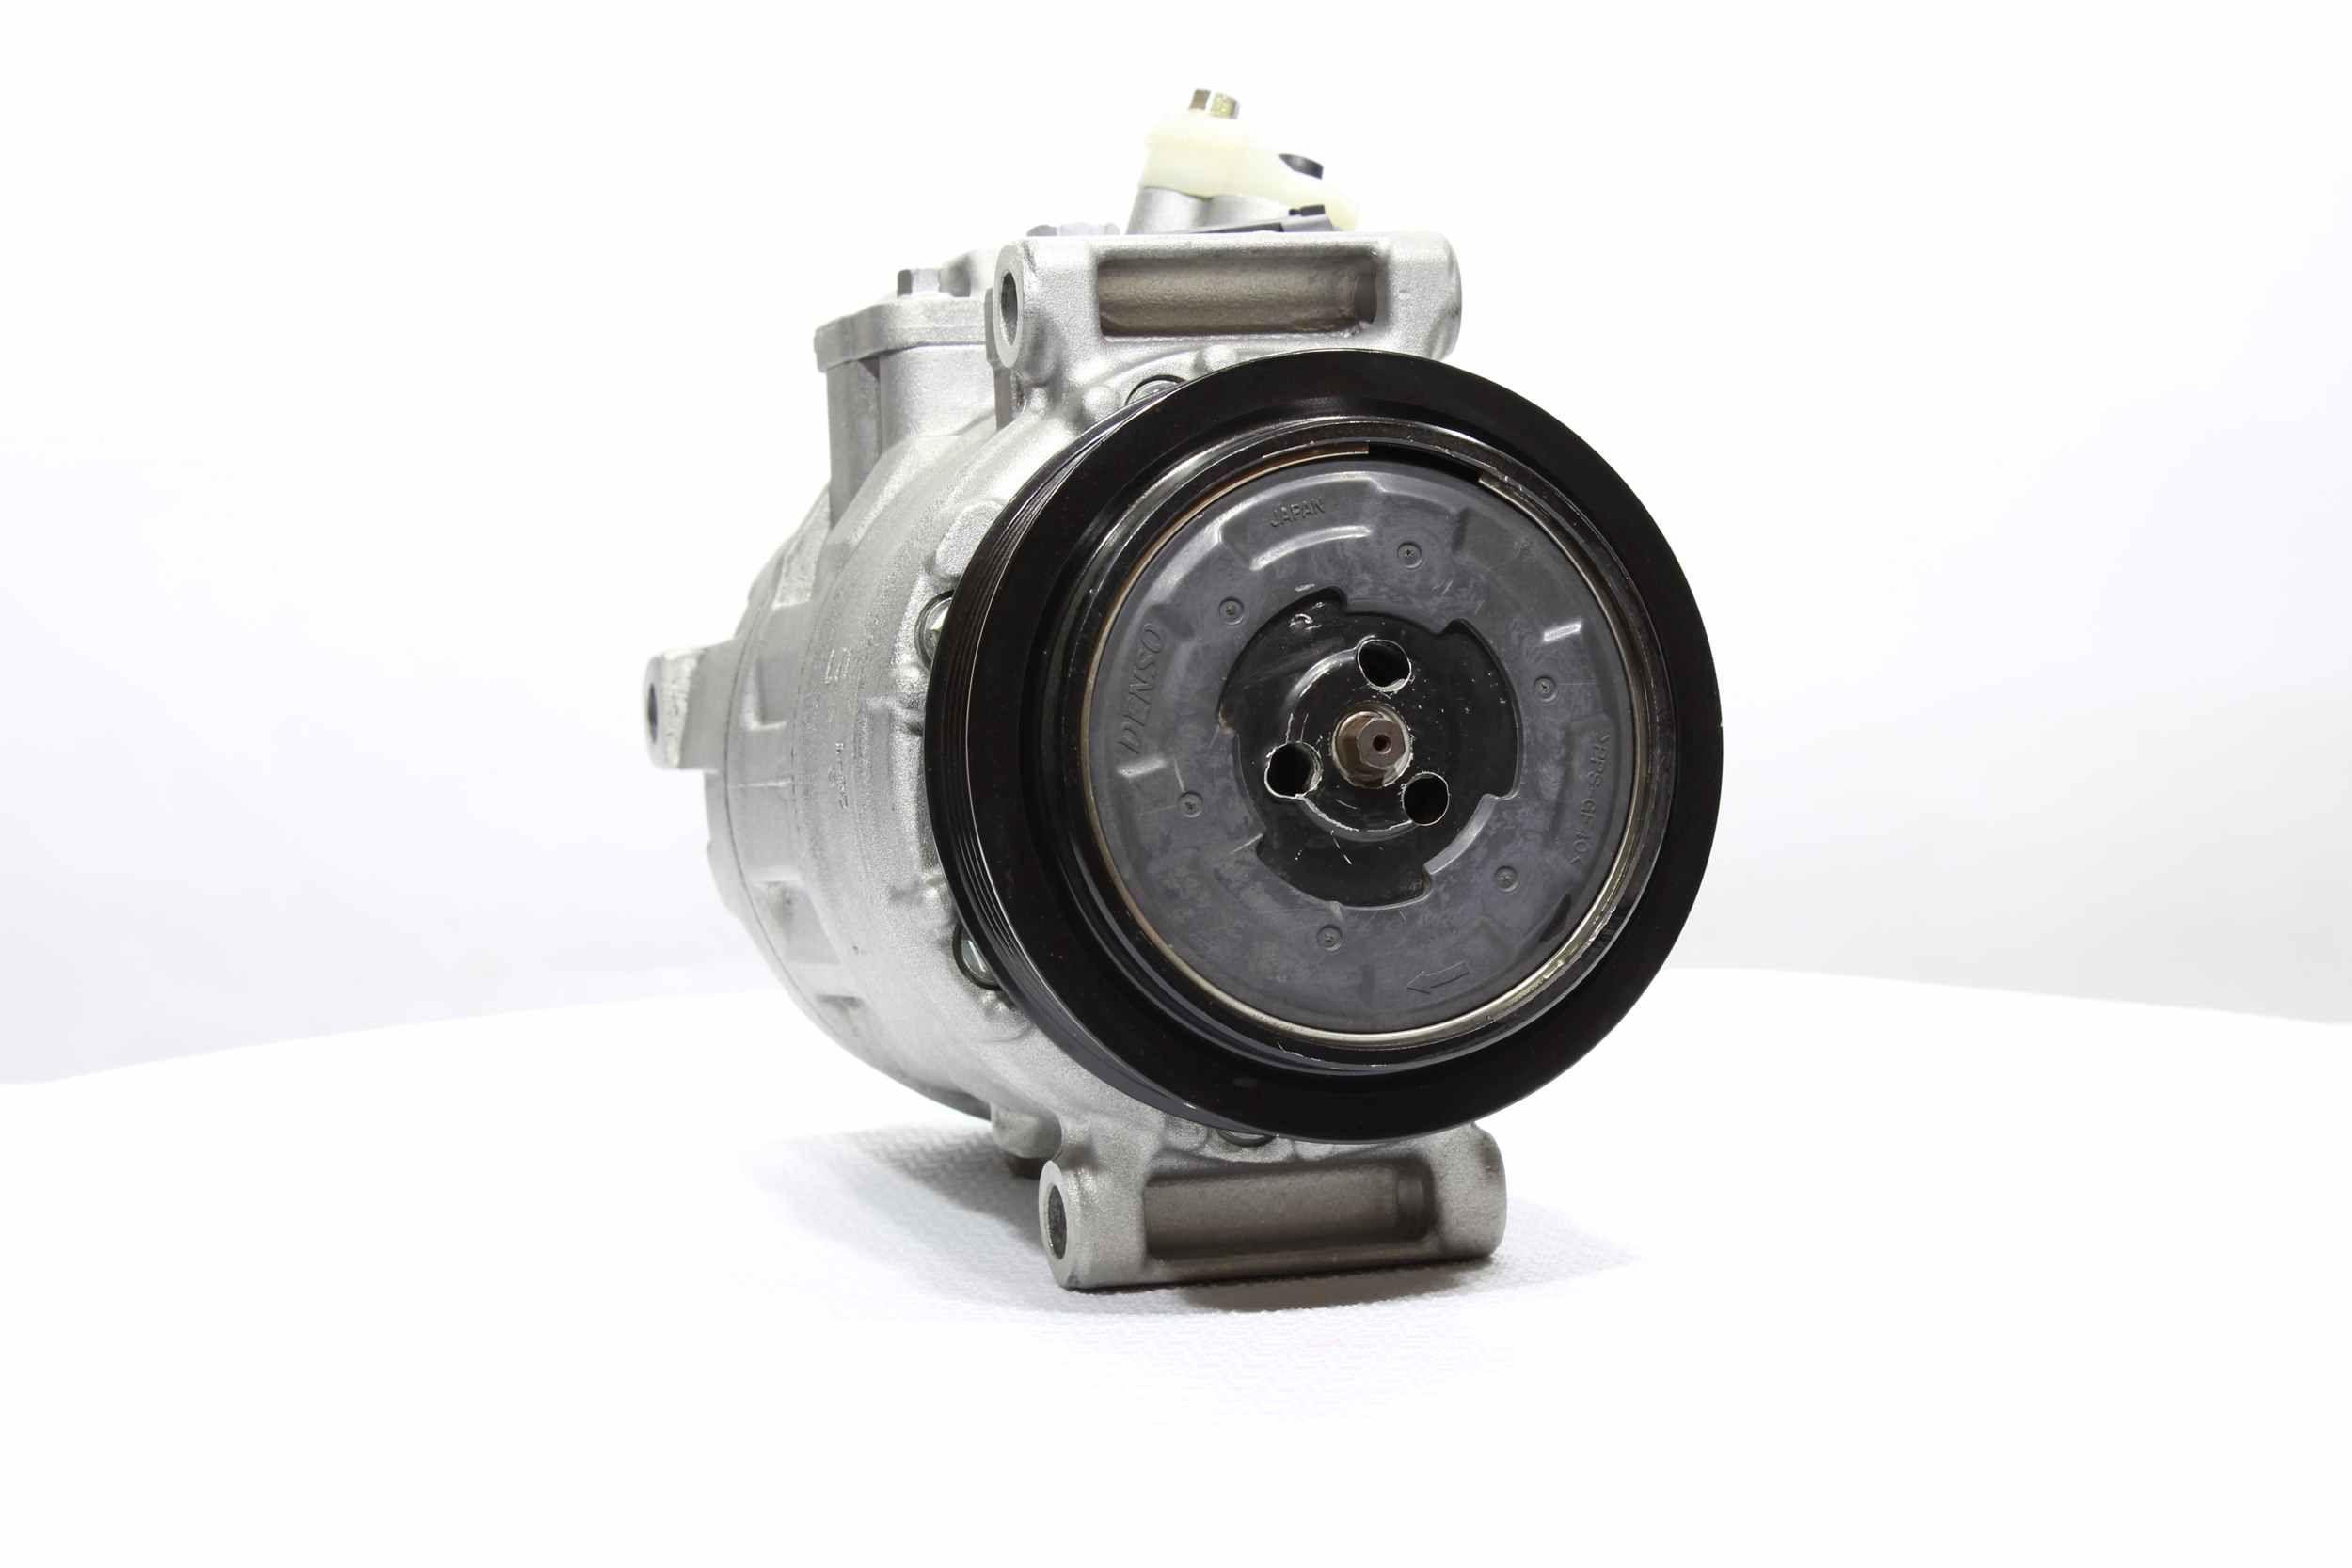 10550536 Kältemittelkompressor ALANKO Erfahrung